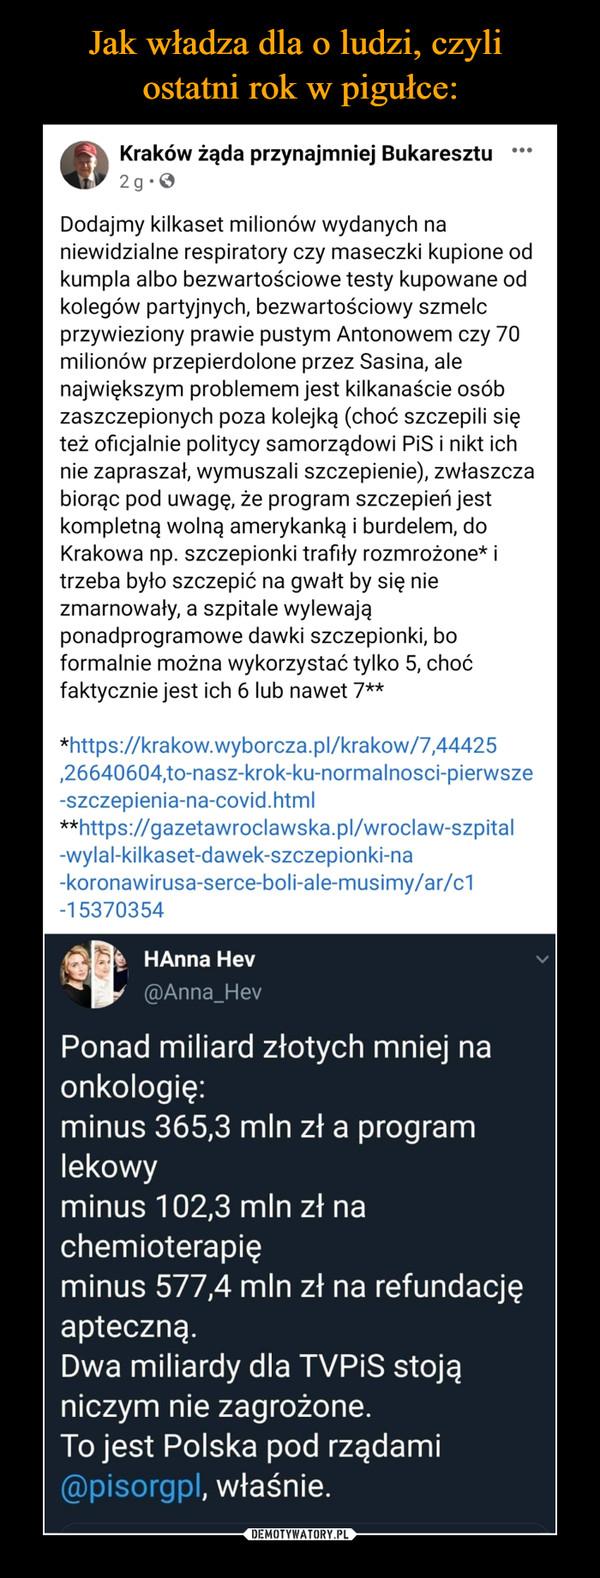 –  Kraków żąda przynajmniej BukaresztutS3upo gonosocludrtnezd.d  · Dodajmy kilkaset milionów wydanych na niewidzialne respiratory czy maseczki kupione od kumpla albo bezwartościowe testy kupowane od kolegów partyjnych, bezwartościowy szmelc przywieziony prawie pustym Antonowem czy 70 milionów przepierdolone przez Sasina, ale największym problemem jest kilkanaście osób zaszczepionych poza kolejką (choć szczepili się też oficjalnie politycy samorządowi PiS i nikt ich nie zapraszał, wymuszali szczepienie), zwłaszcza biorąc pod uwagę, że program szczepień jest kompletną wolną amerykanką i burdelem, do Krakowa np. szczepionki trafiły rozmrożone* i trzeba było szczepić na gwałt by się nie zmarnowały, a szpitale wylewają ponadprogramowe dawki szczepionki, bo formalnie można wykorzystać tylko 5, choć faktycznie jest ich 6 lub nawet 7**